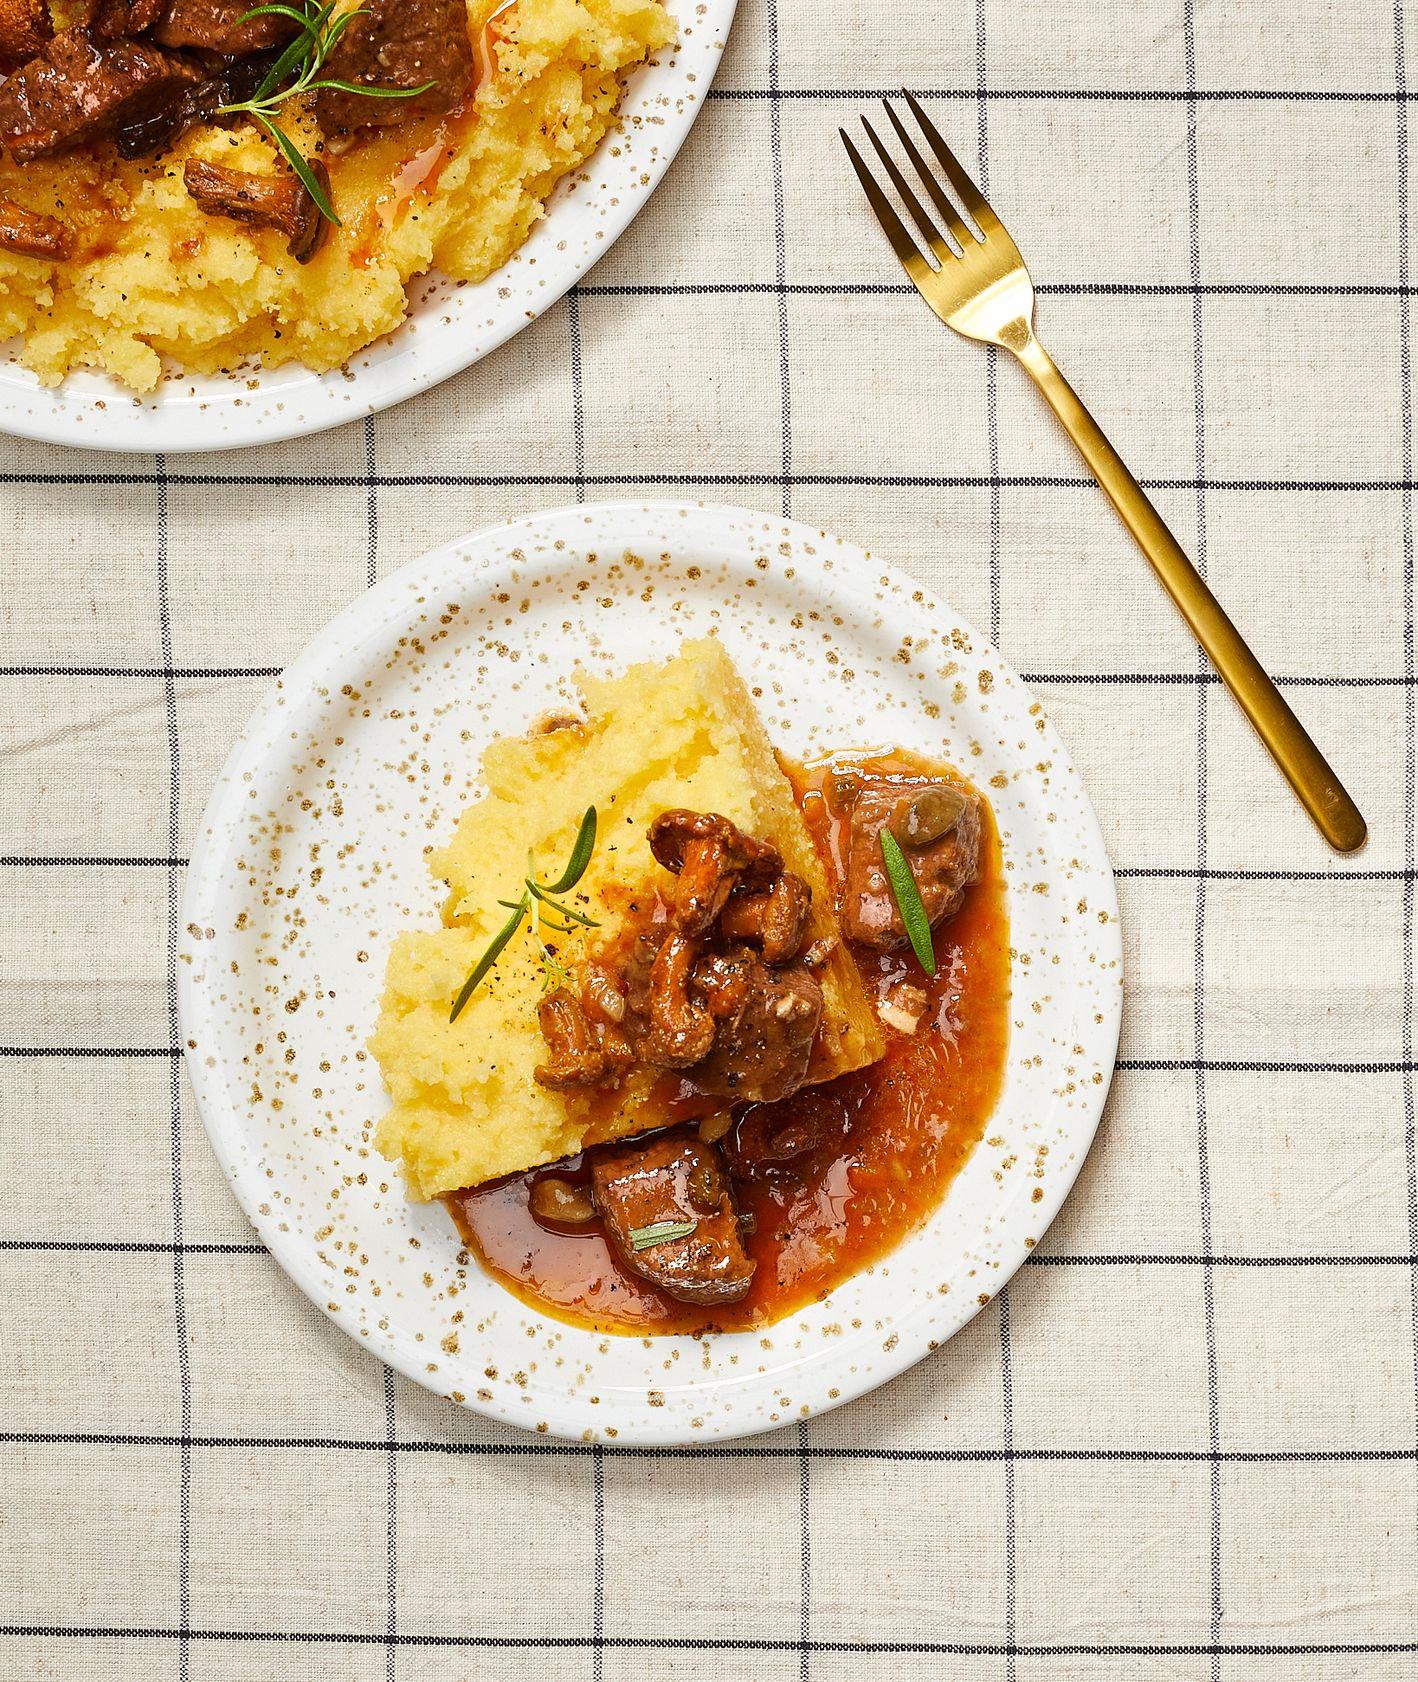 Przepis na potrawkkę wołową z kurkami. Kuchnia włoska, przepisy na dania z grzybami, Cristina Catese (fot. Maciek Niemojewski)